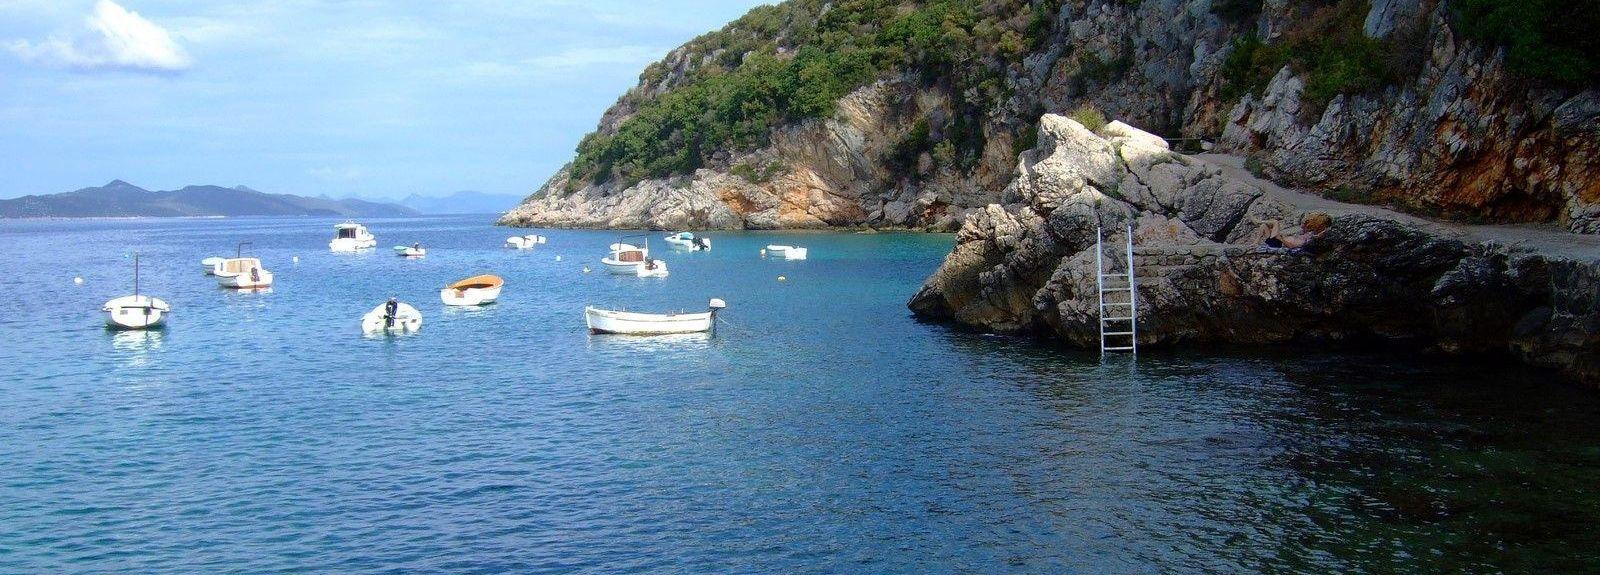 Lapad-stranden, Dubrovnik, Dubrovnik-Neretvas län, Kroatien